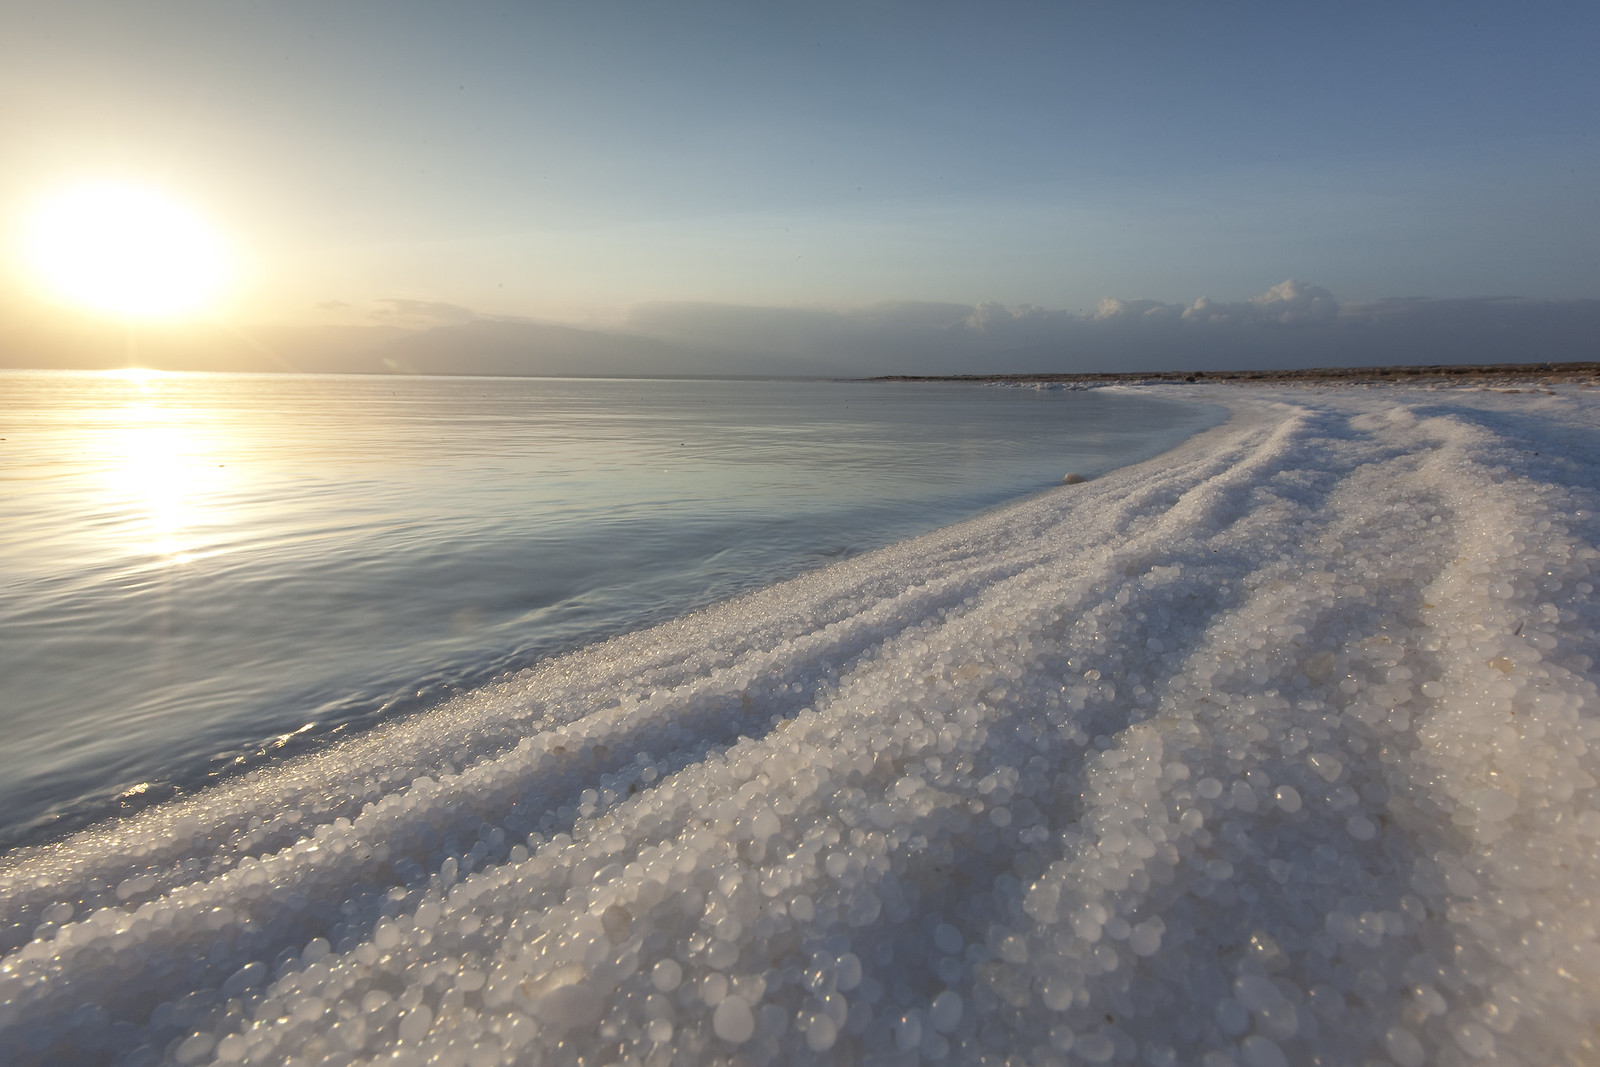 Salt 4_Dead Sea11_0453_Itamar Grinberg_IMOT